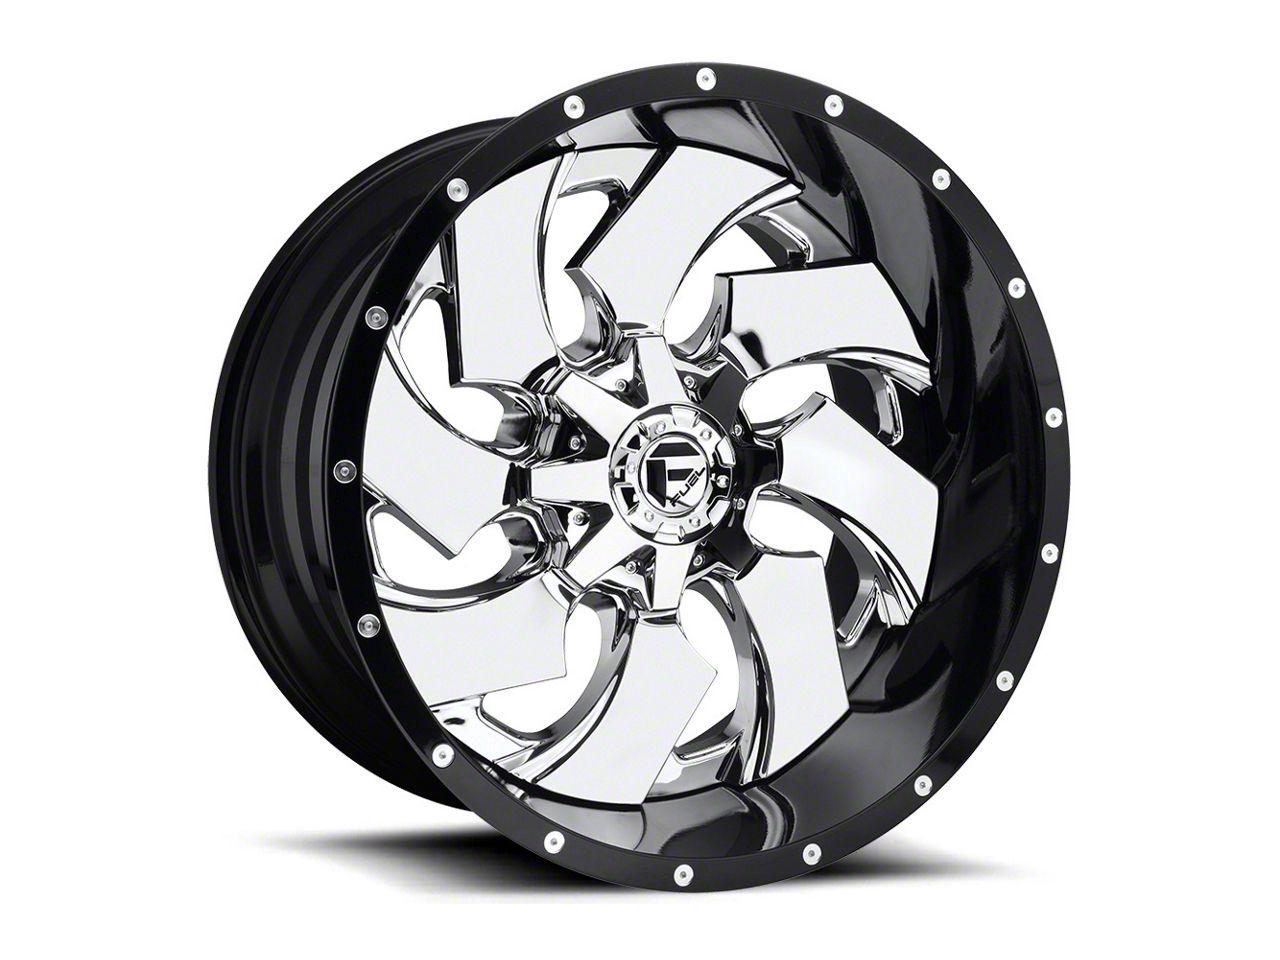 Fuel Wheels Cleaver Chrome 6-Lug Wheel - 20x10 (99-18 Silverado 1500)